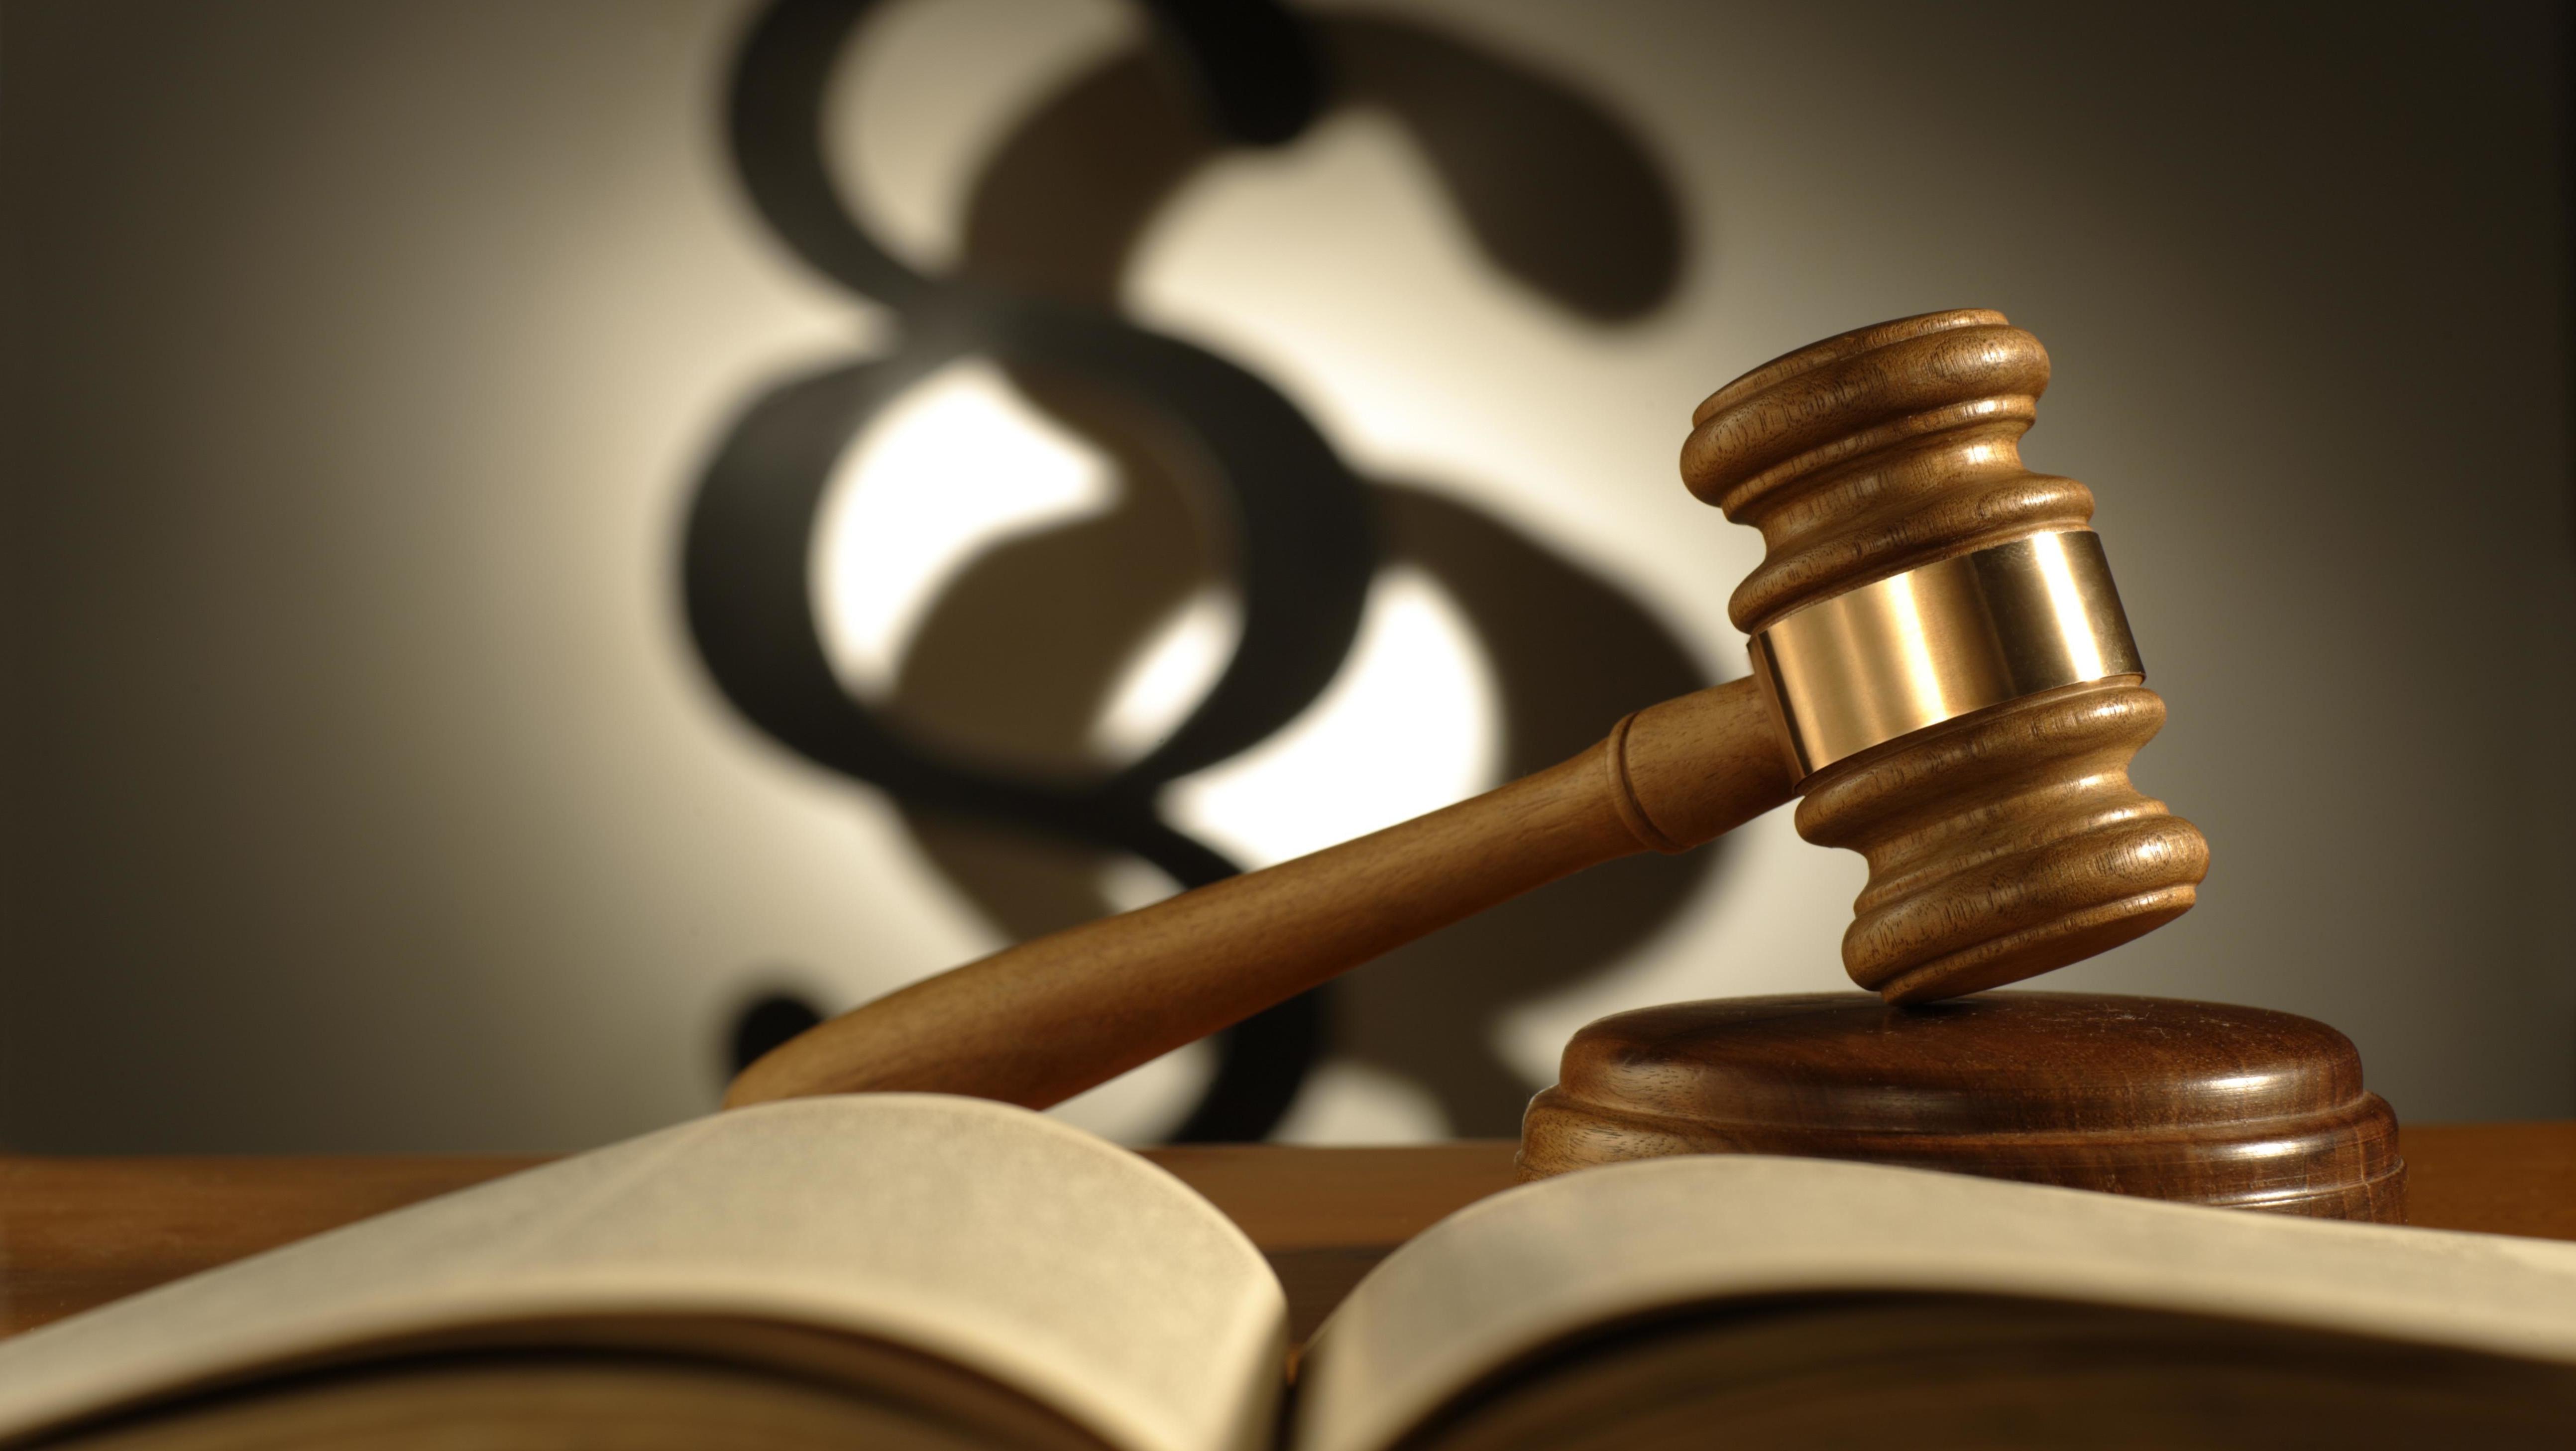 Richterhammer, Gesetzbuch, Paragraphenzeichen